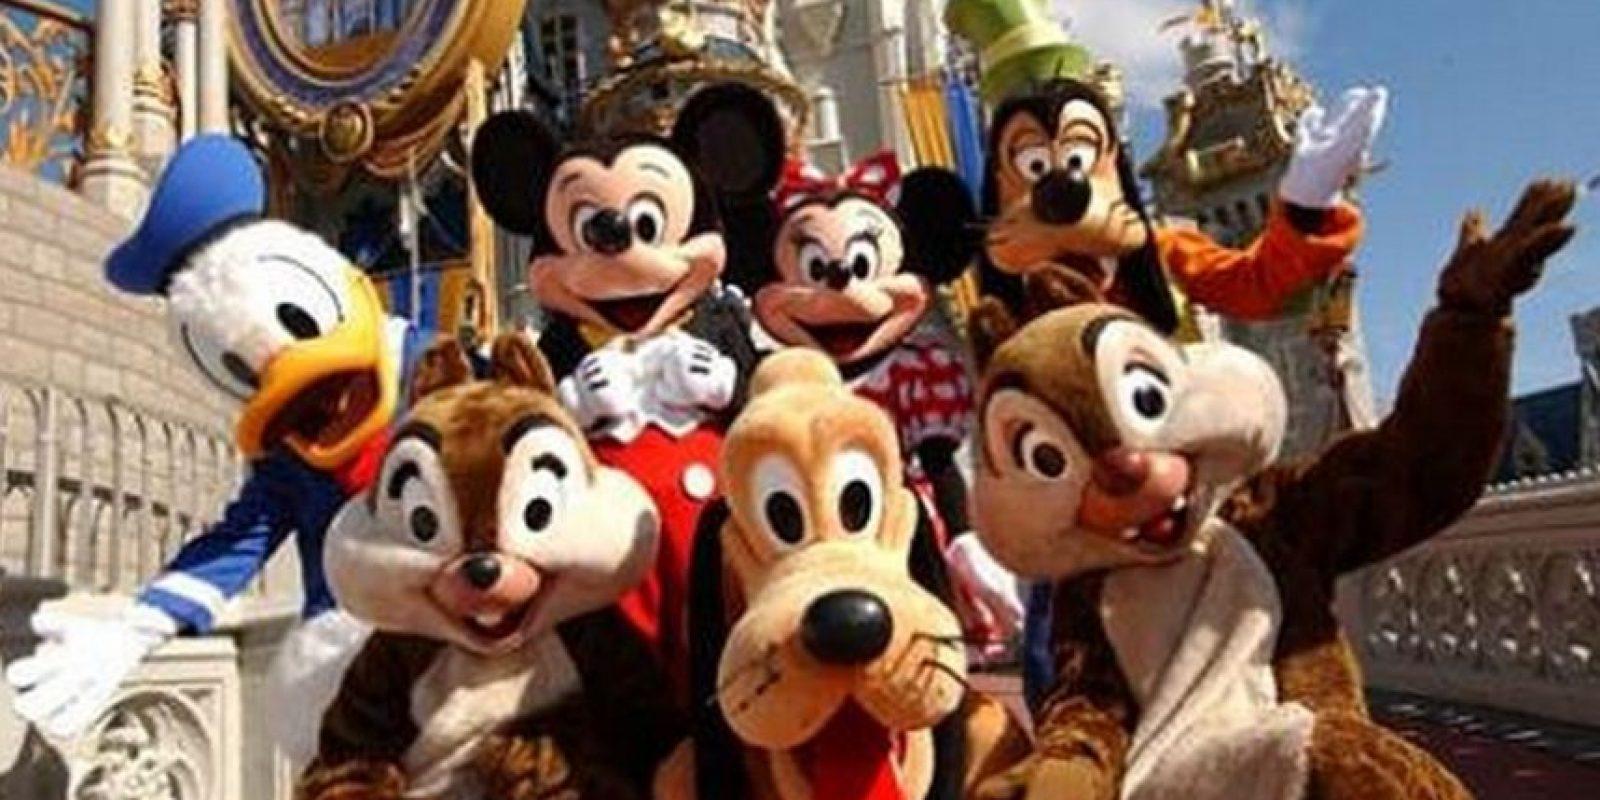 En Disney World no se venden chicles. Se vende todo tipo de golosinas, pero no hay chicles Foto:Disney